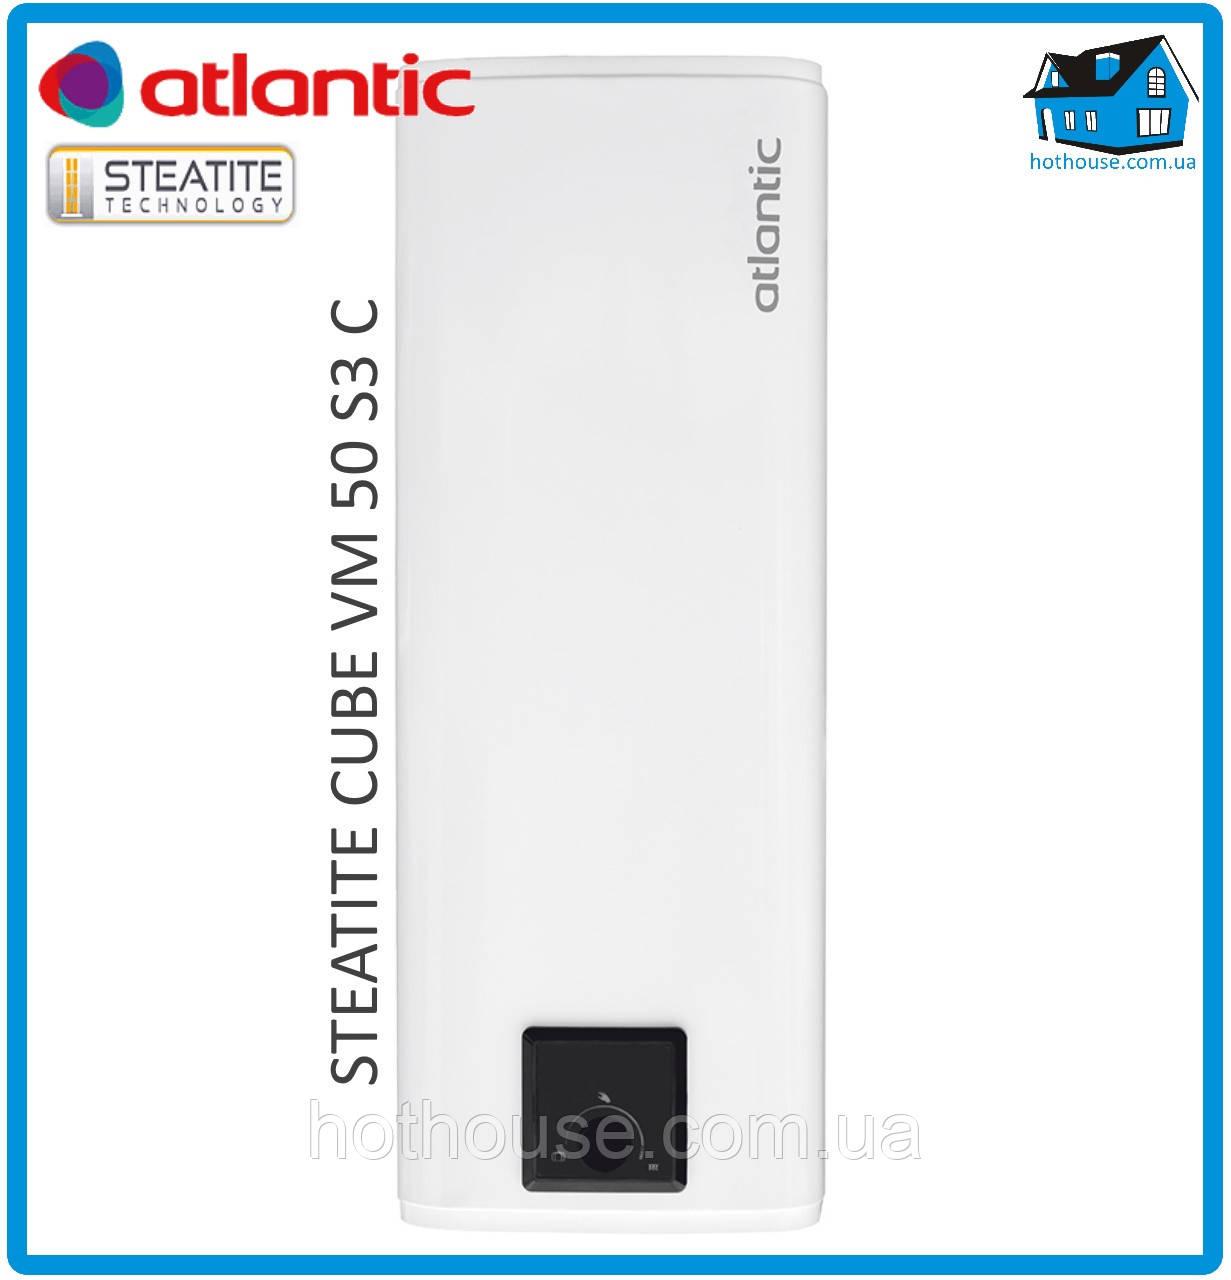 Водонагрівач Atlantic Stetite Cube VM 50 S3C